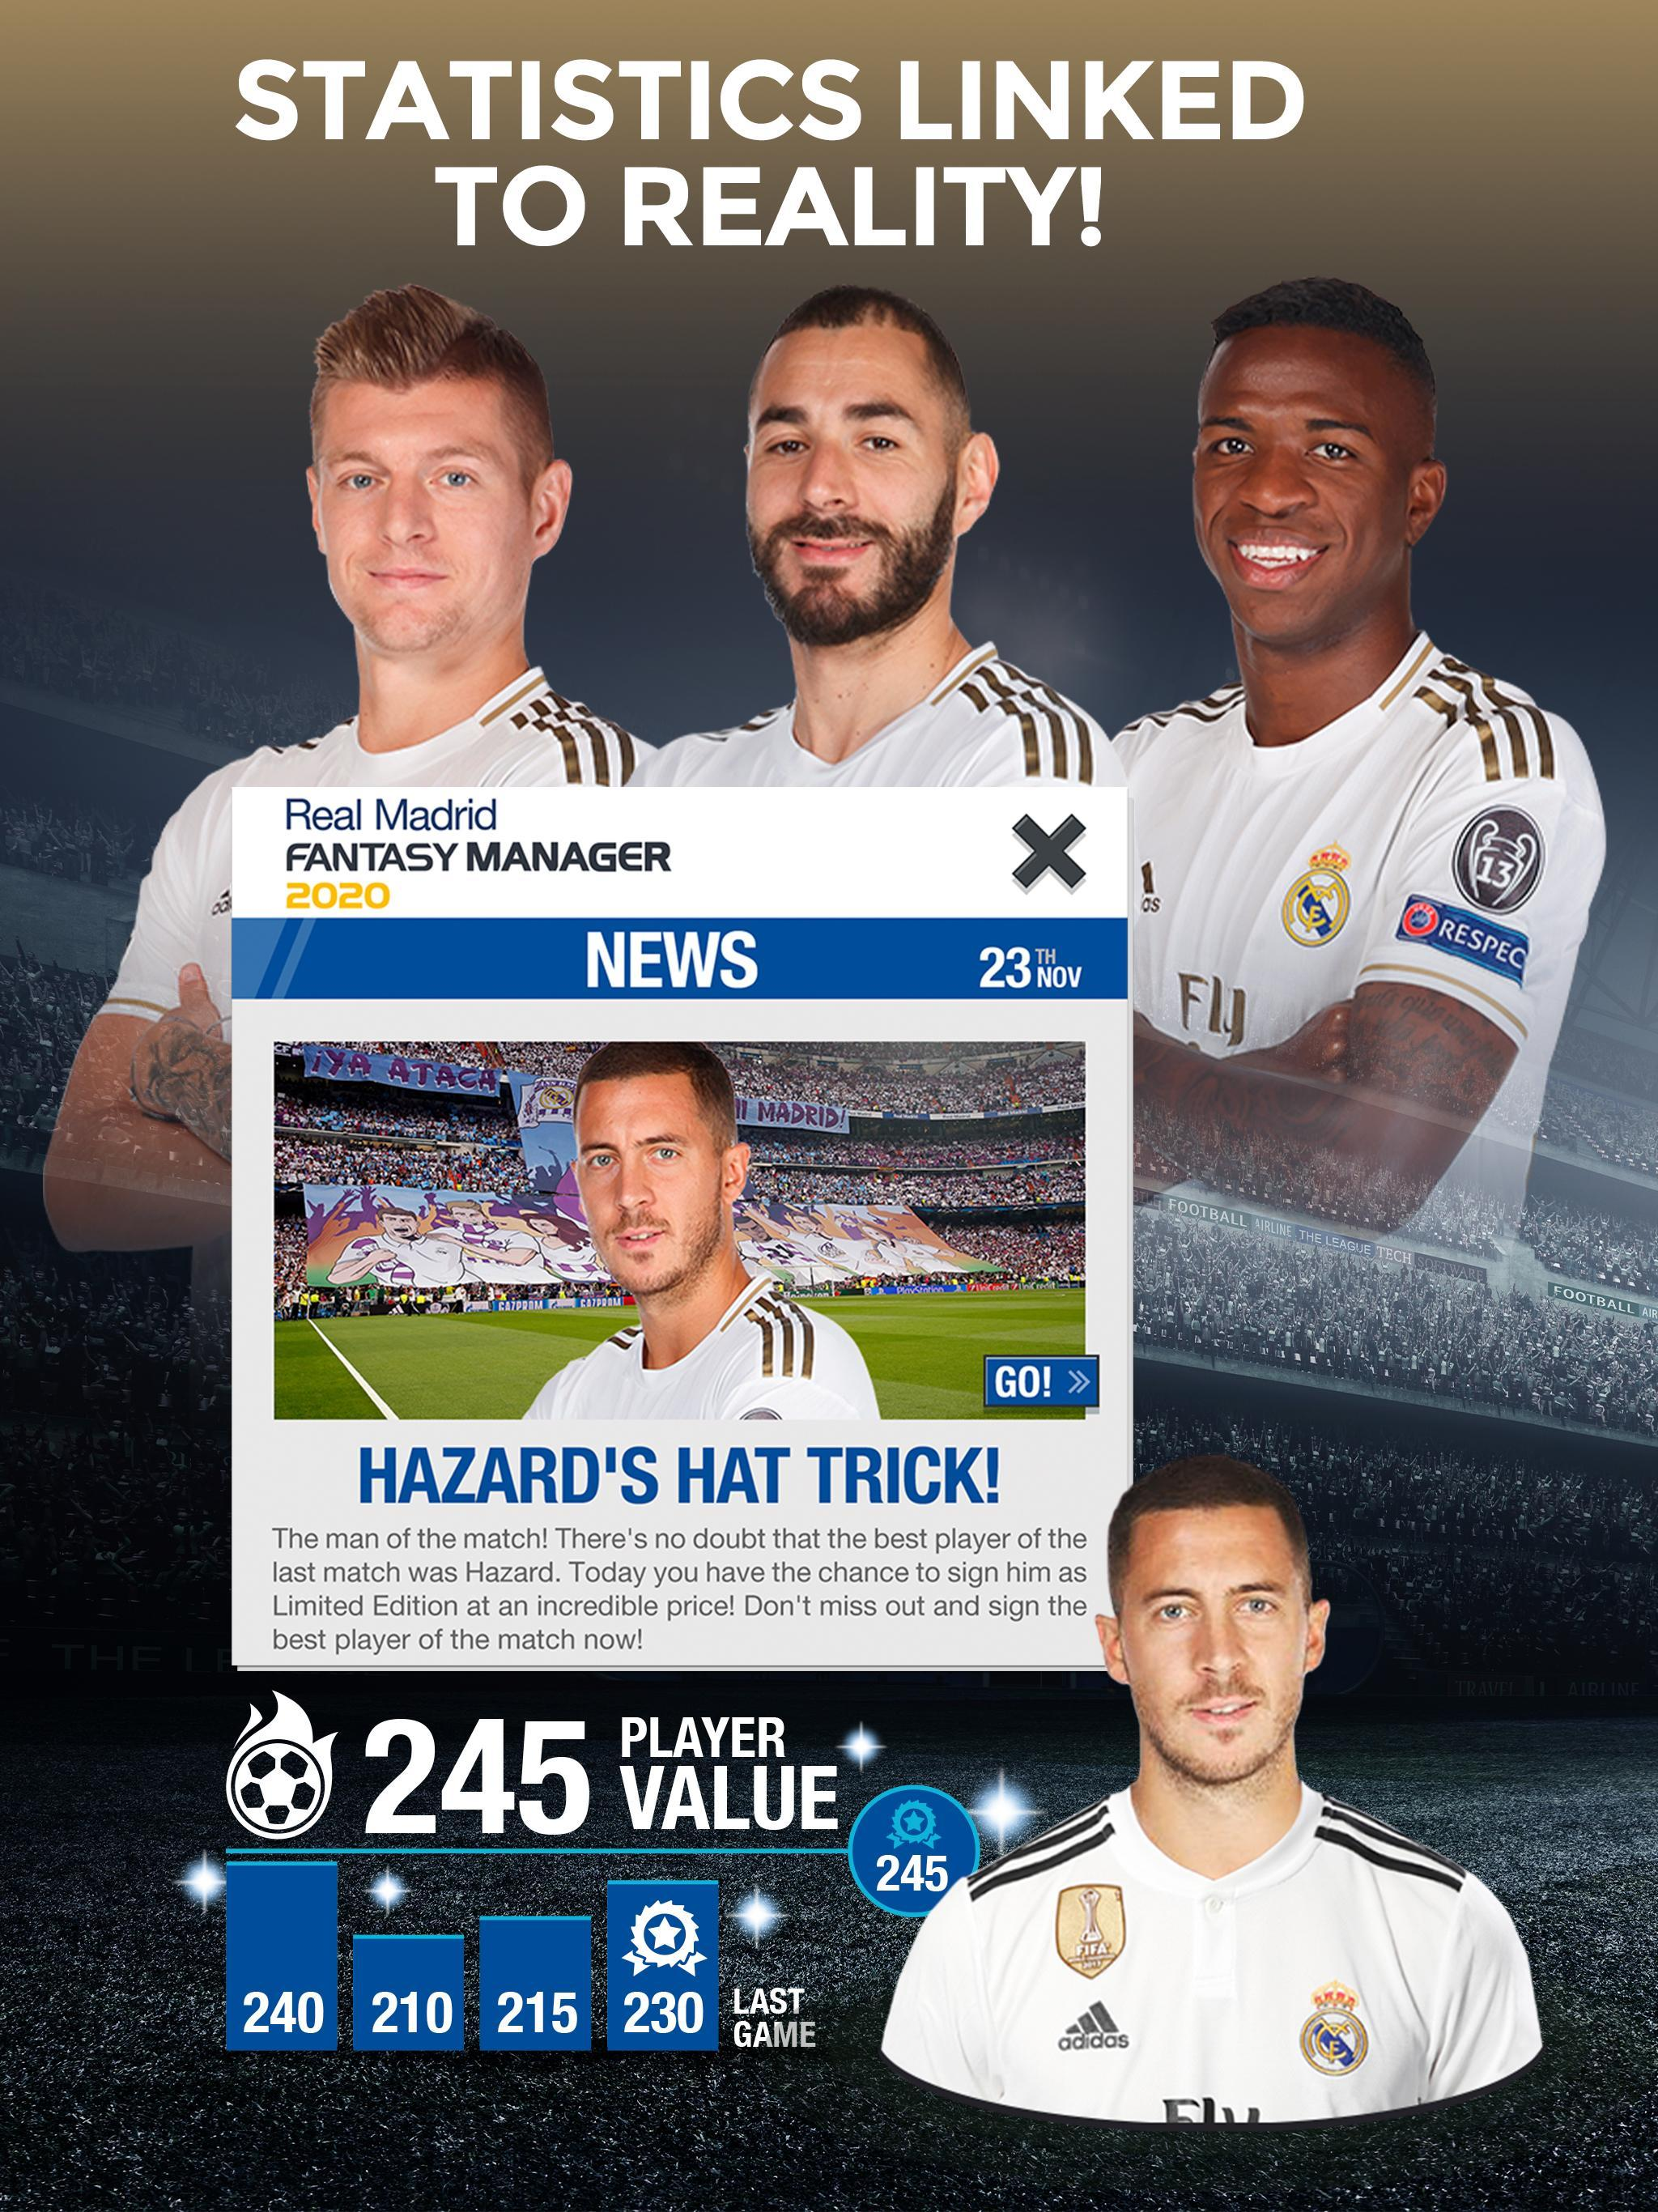 Real Madrid Fantasy Manager'20 Real football live screenshot 8